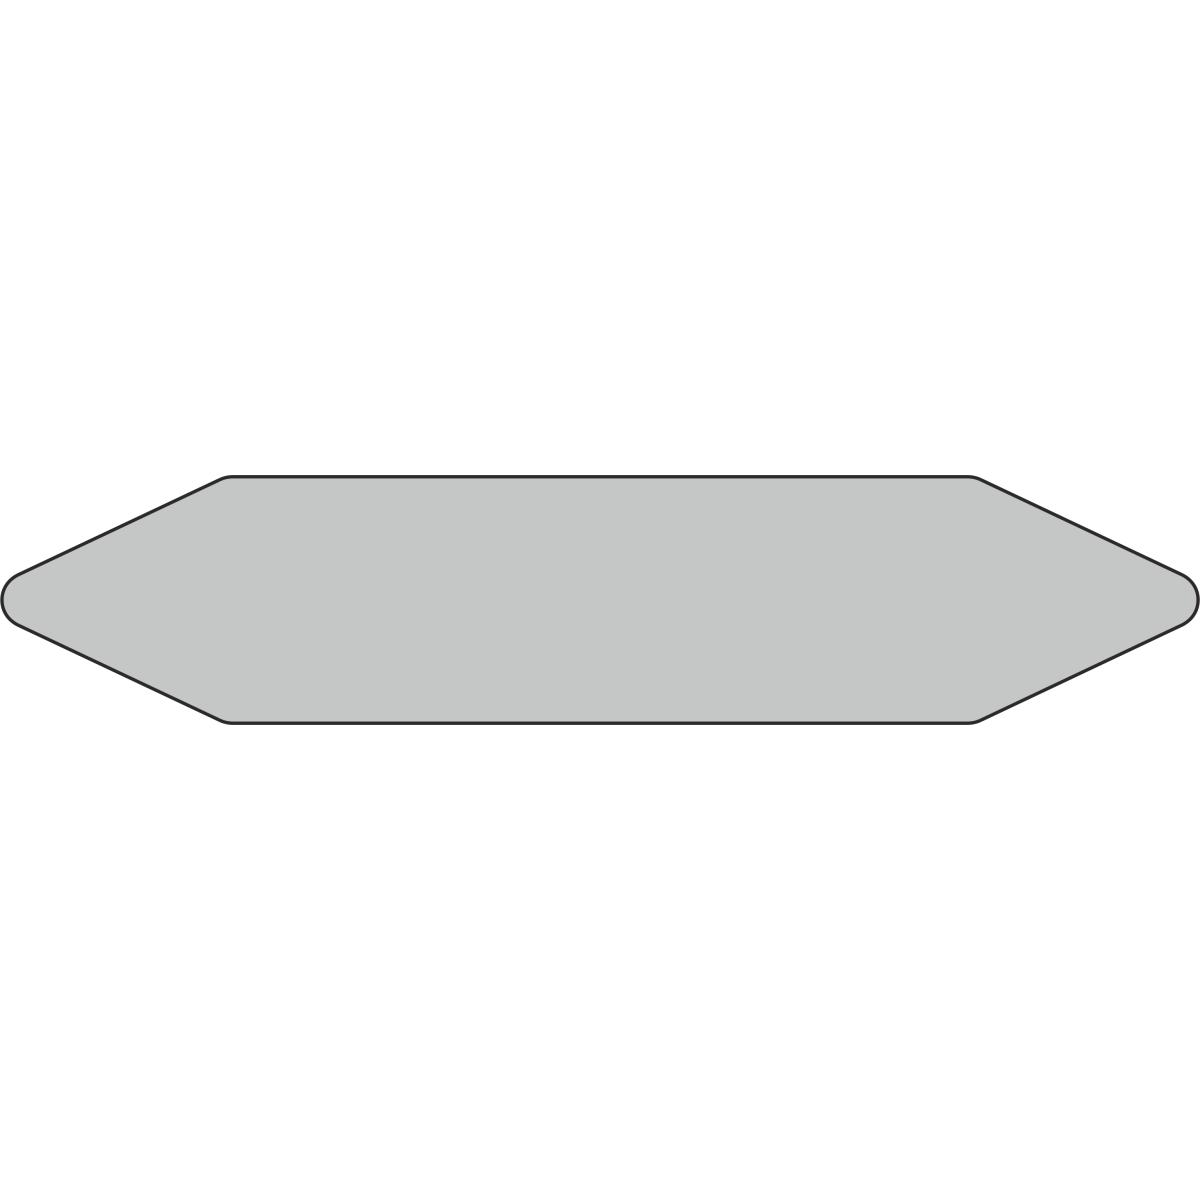 Стрелки для маркировки трубопроводов, серый